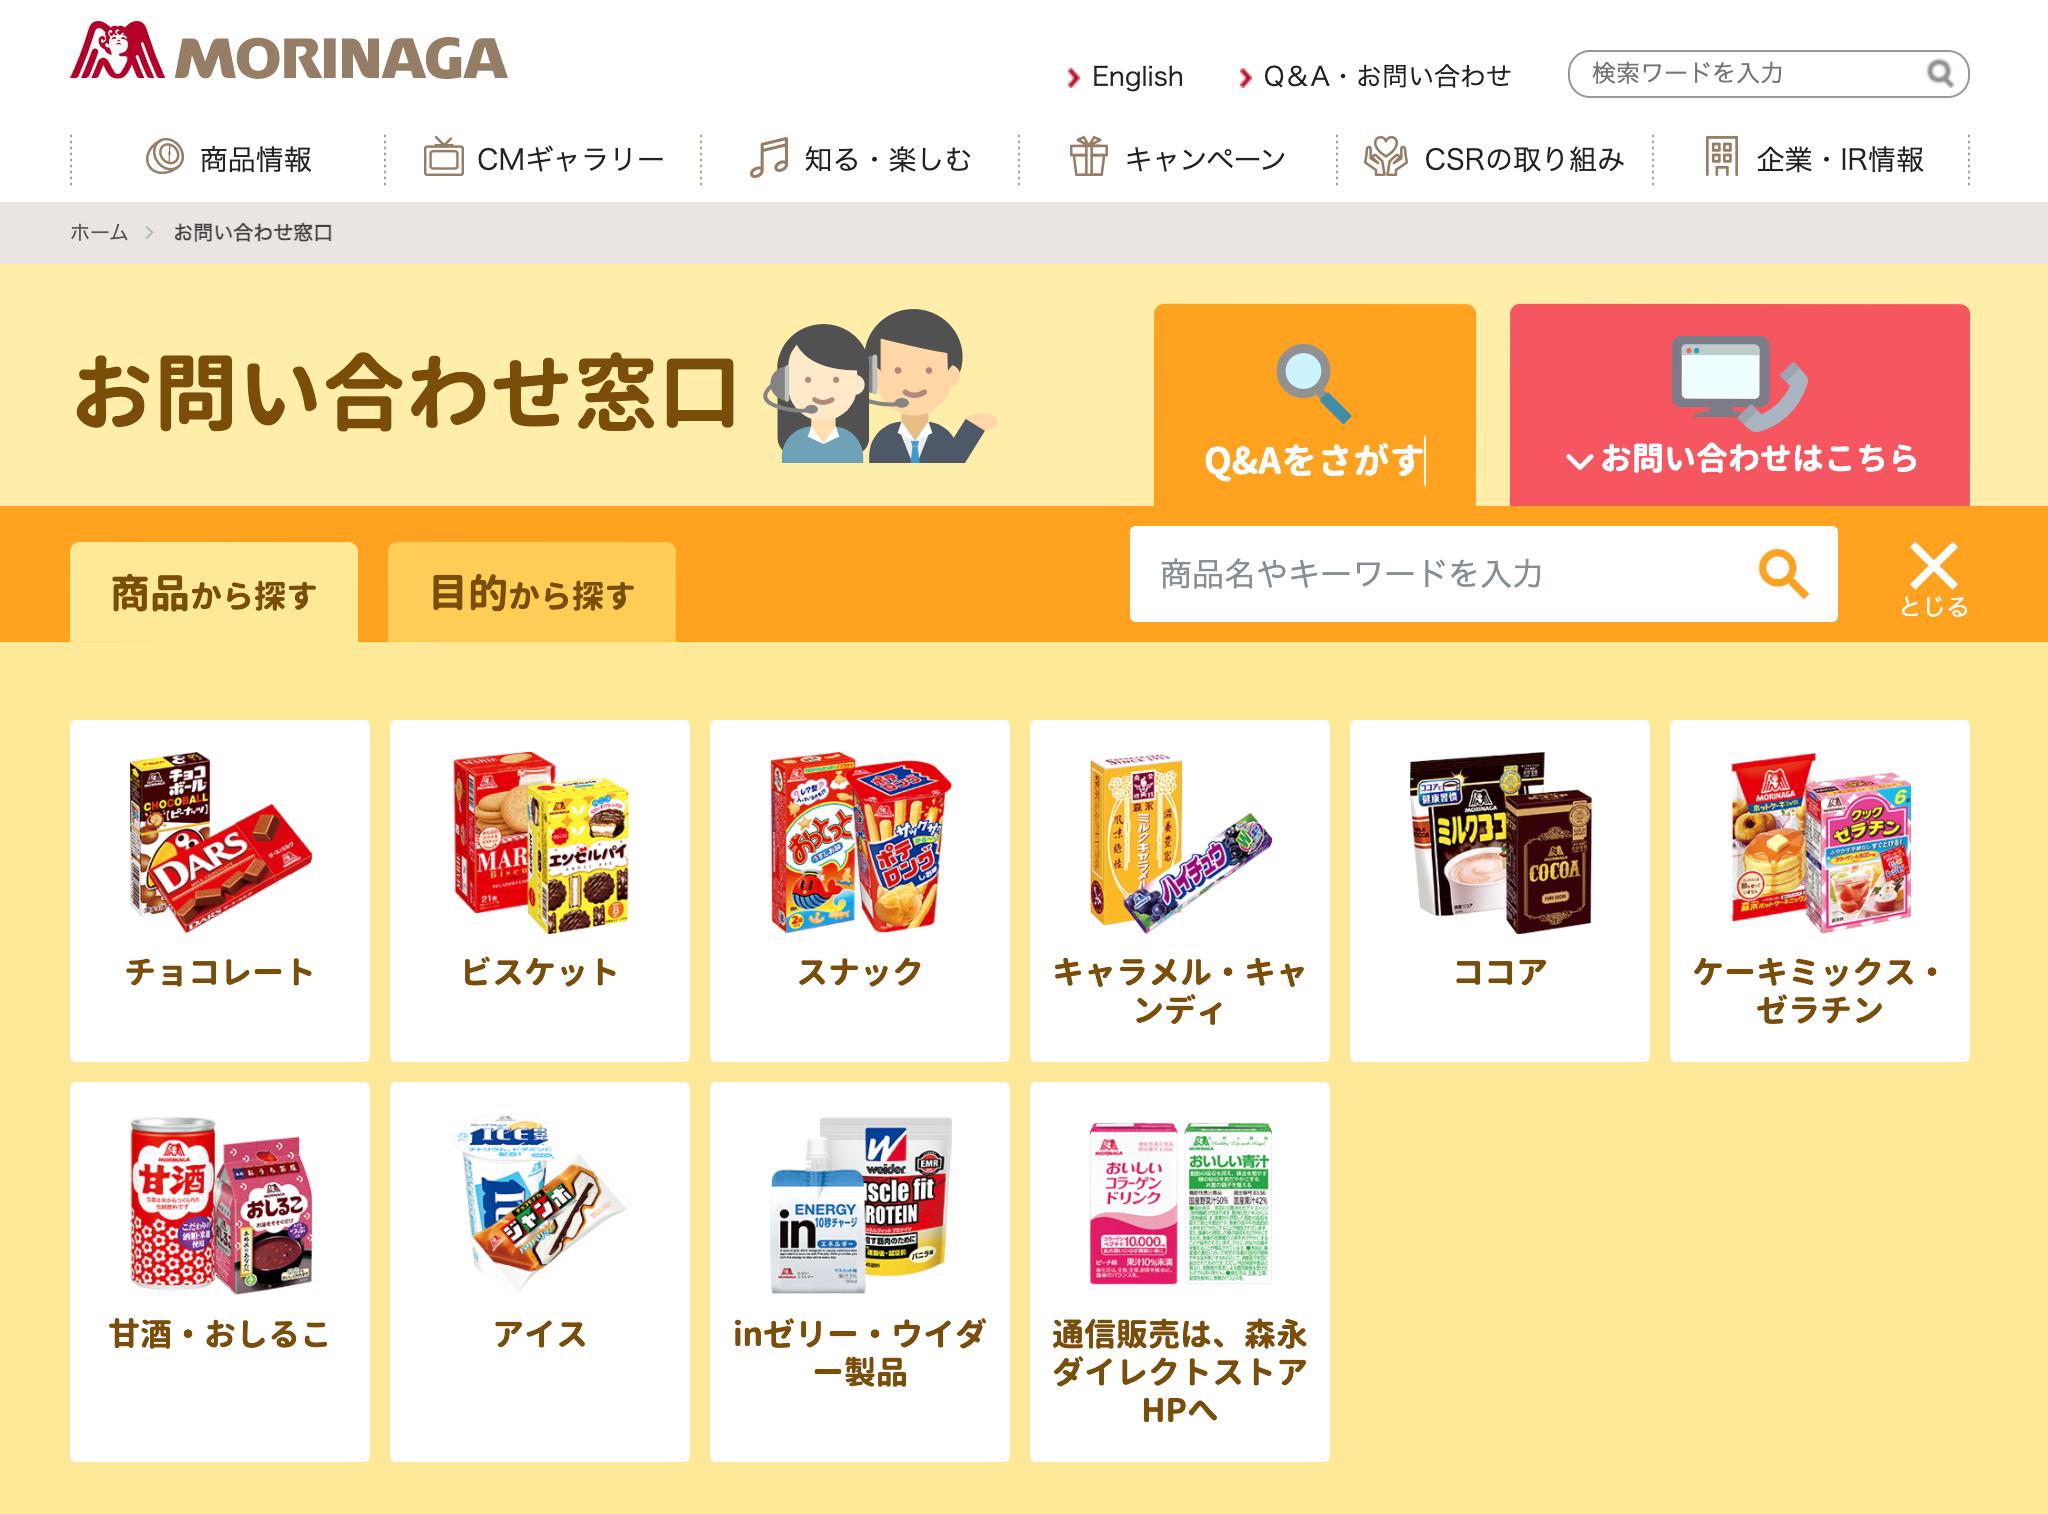 森永製菓株式会社様 Q&A・お問い合わせのトップページ